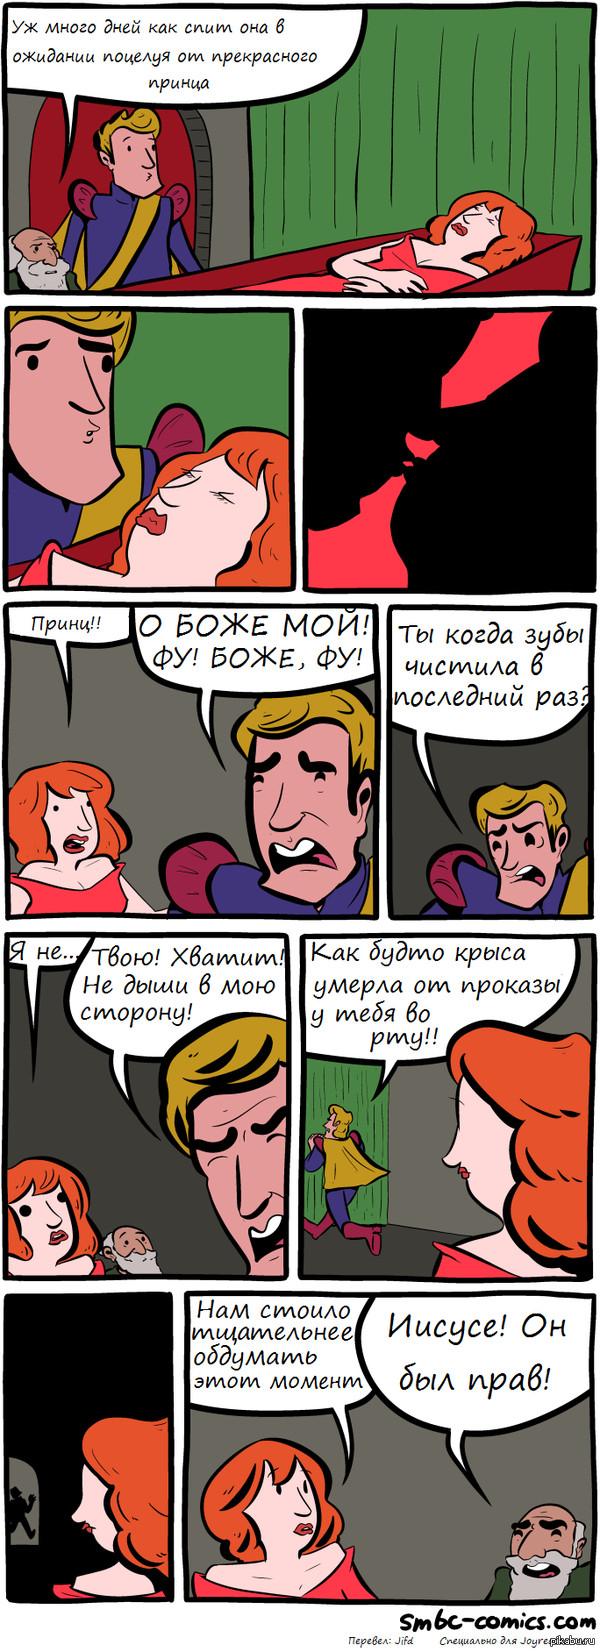 Комиксы спящая снотворное